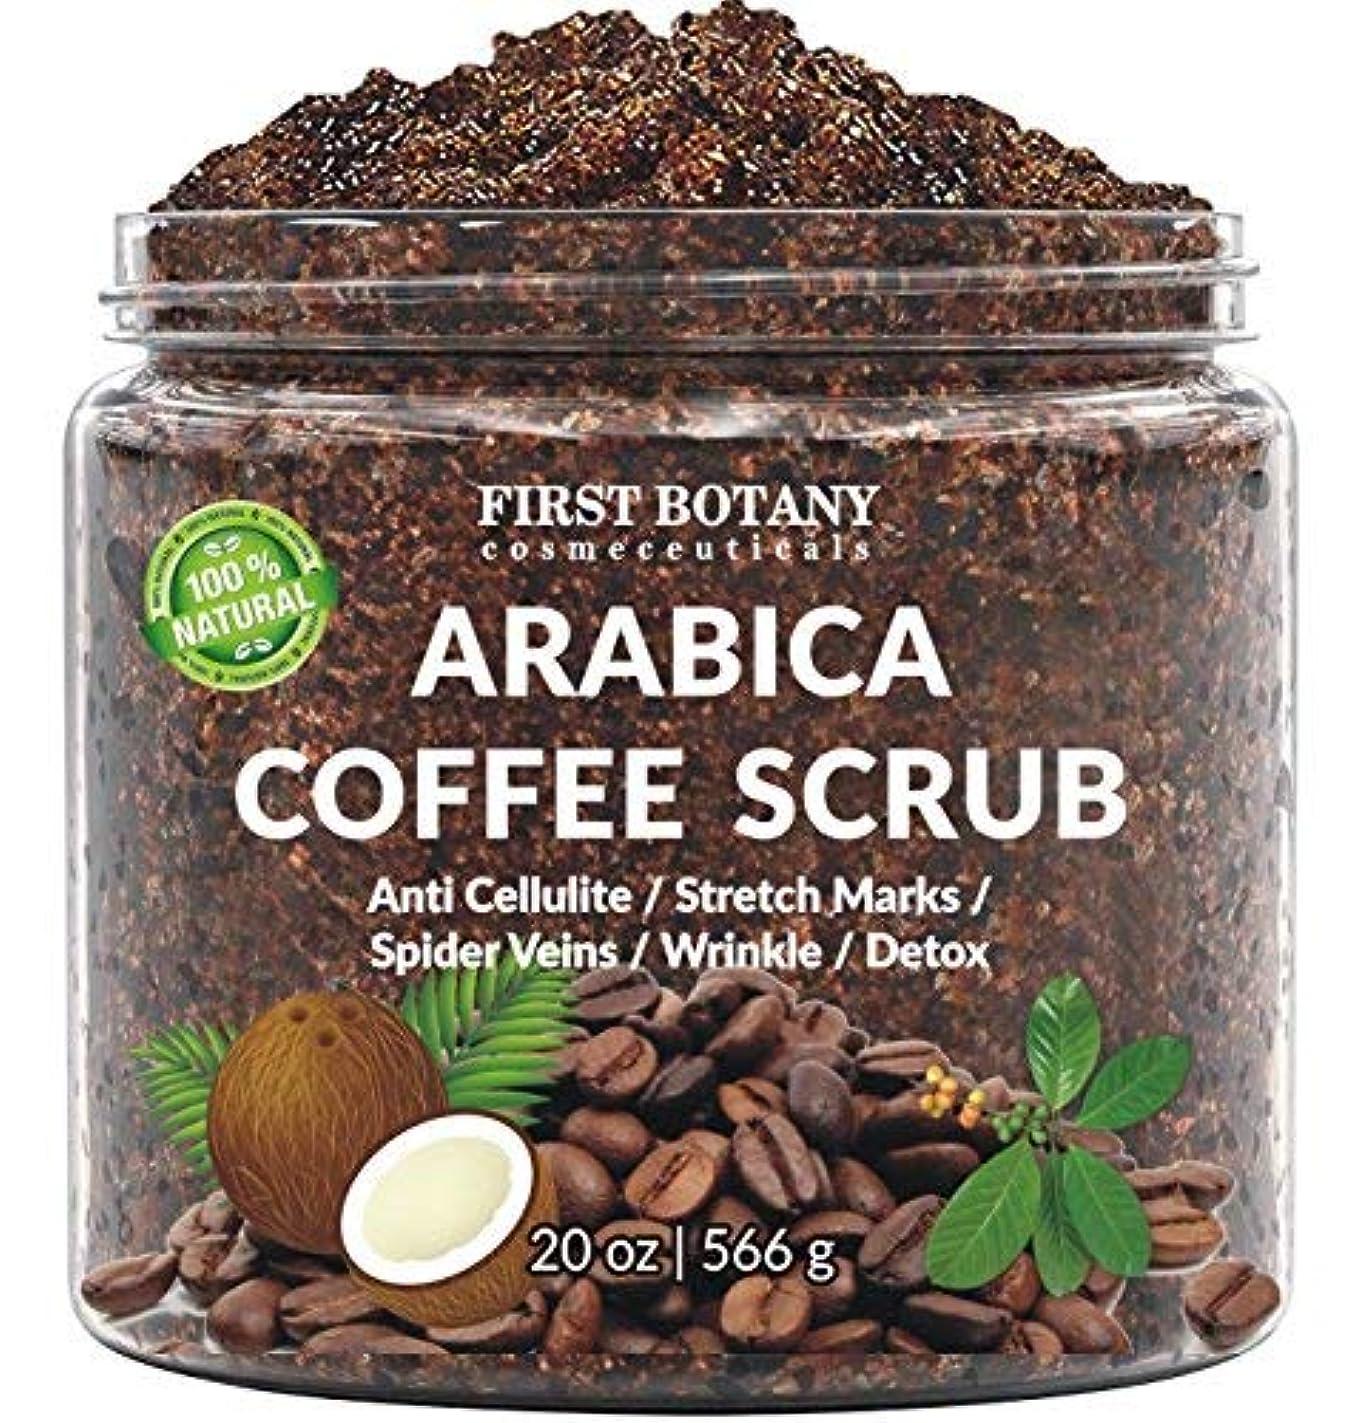 100% ナチュラル アラビカ コーヒースクラブ with 有機コーヒー、ココナッツ、シアバター | ボディースクラブクリーム [海外直送品] (566グラム)